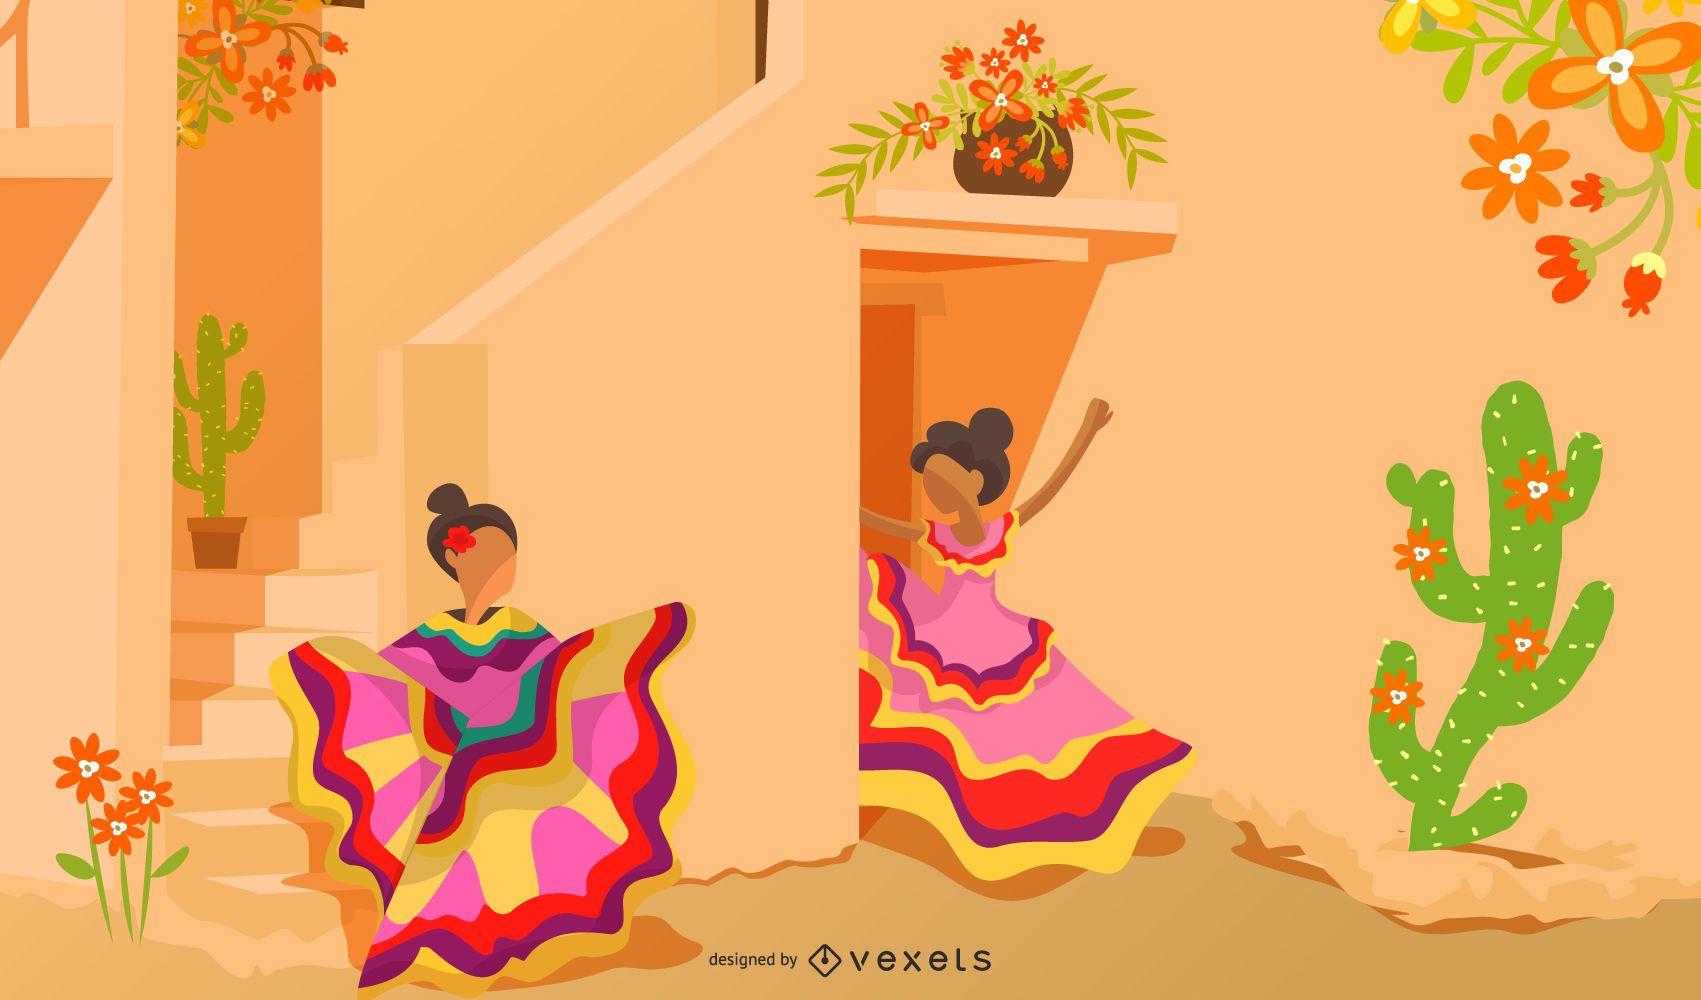 Ilustração de desenho animado da cultura mexicana